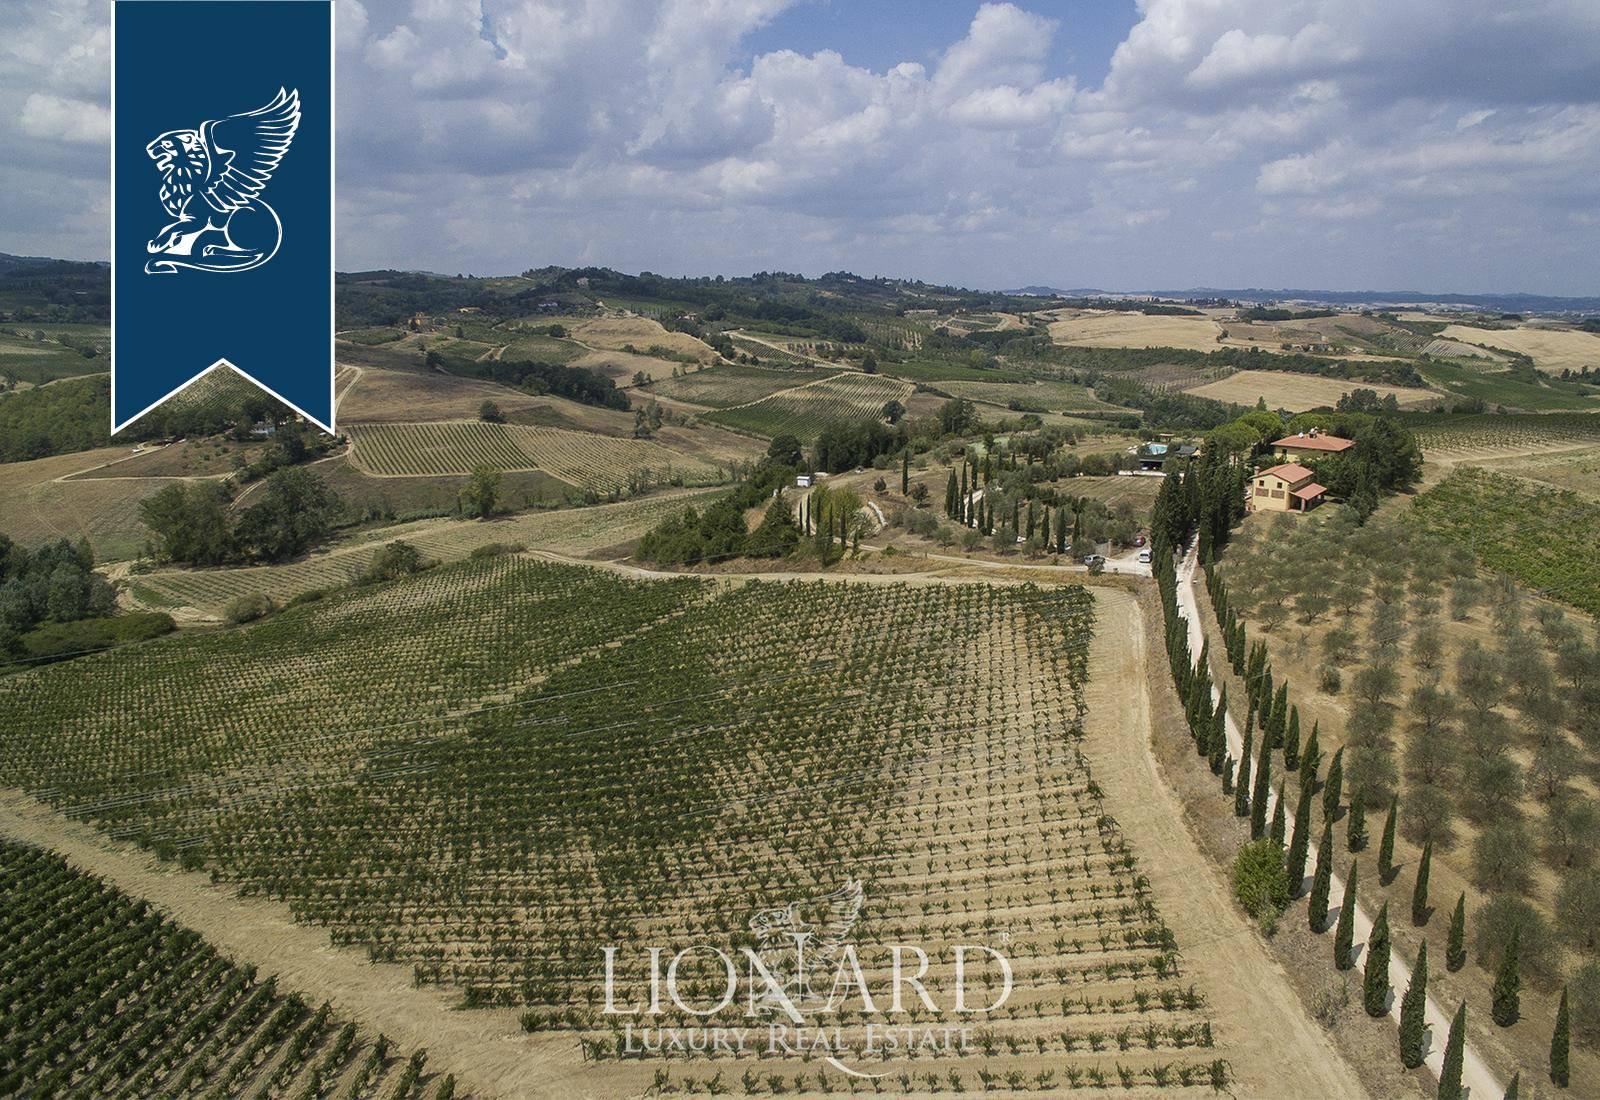 Agriturismo in Vendita a Gambassi Terme: 0 locali, 540 mq - Foto 7